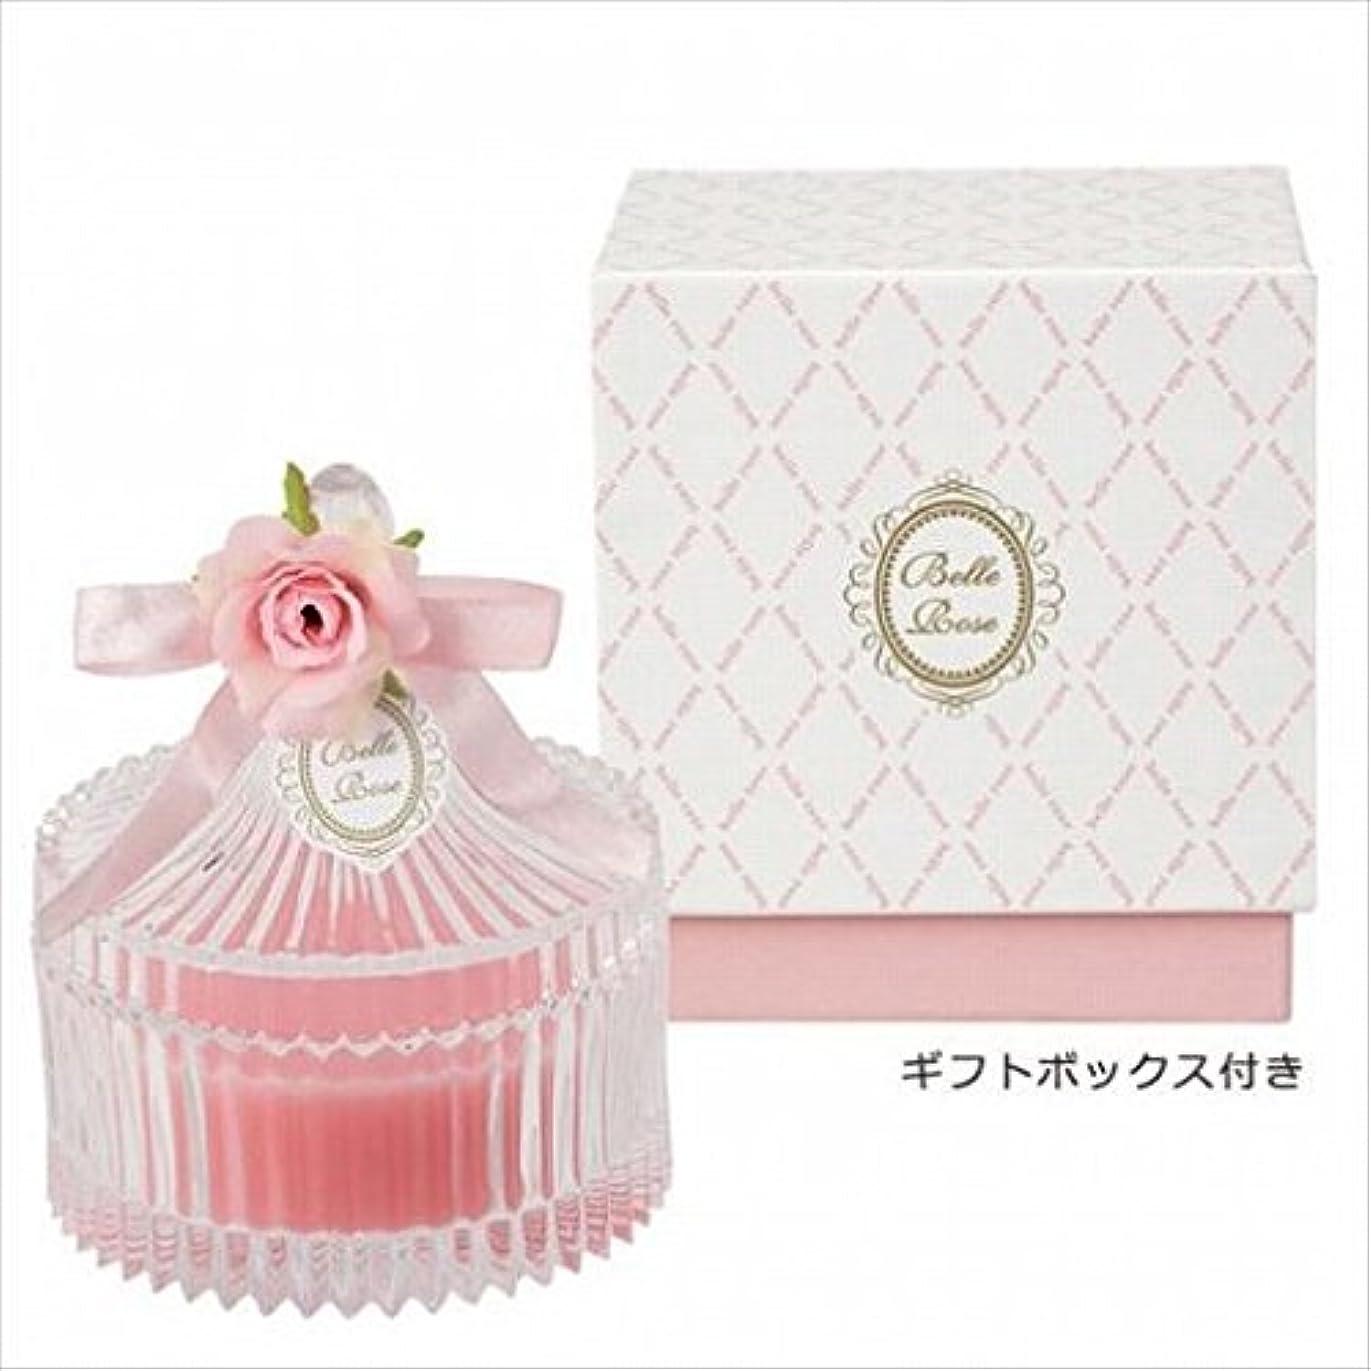 情緒的ビバ標準kameyama candle(カメヤマキャンドル) ベルローズキャニスター 「 ピンク 」 キャンドル(A5920500PK)